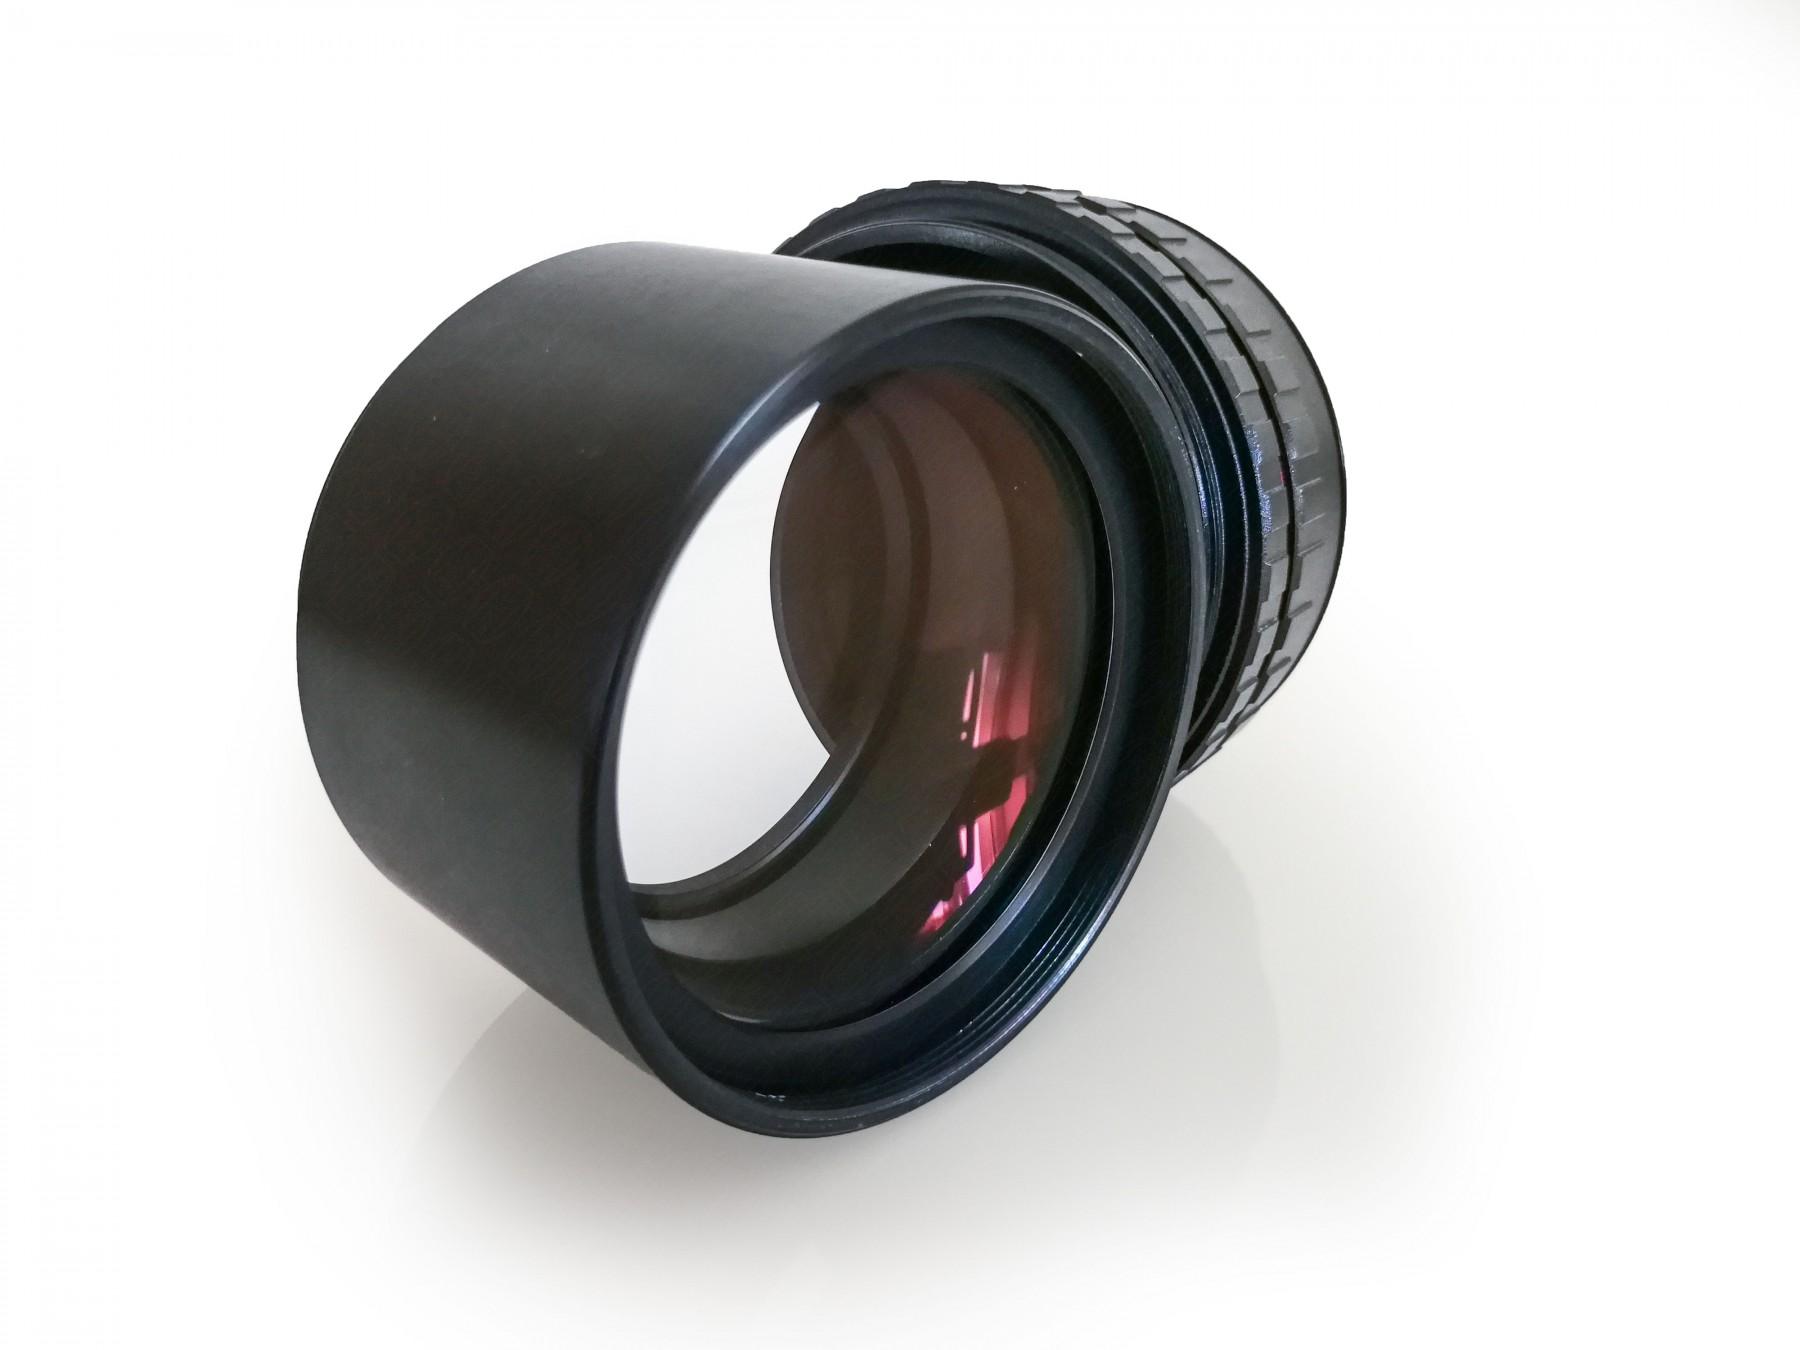 Optionaler Canon Camera Adapter, zusammengestellt aus M68 und T-2 Teilen, nicht im Lieferumfang enthalten